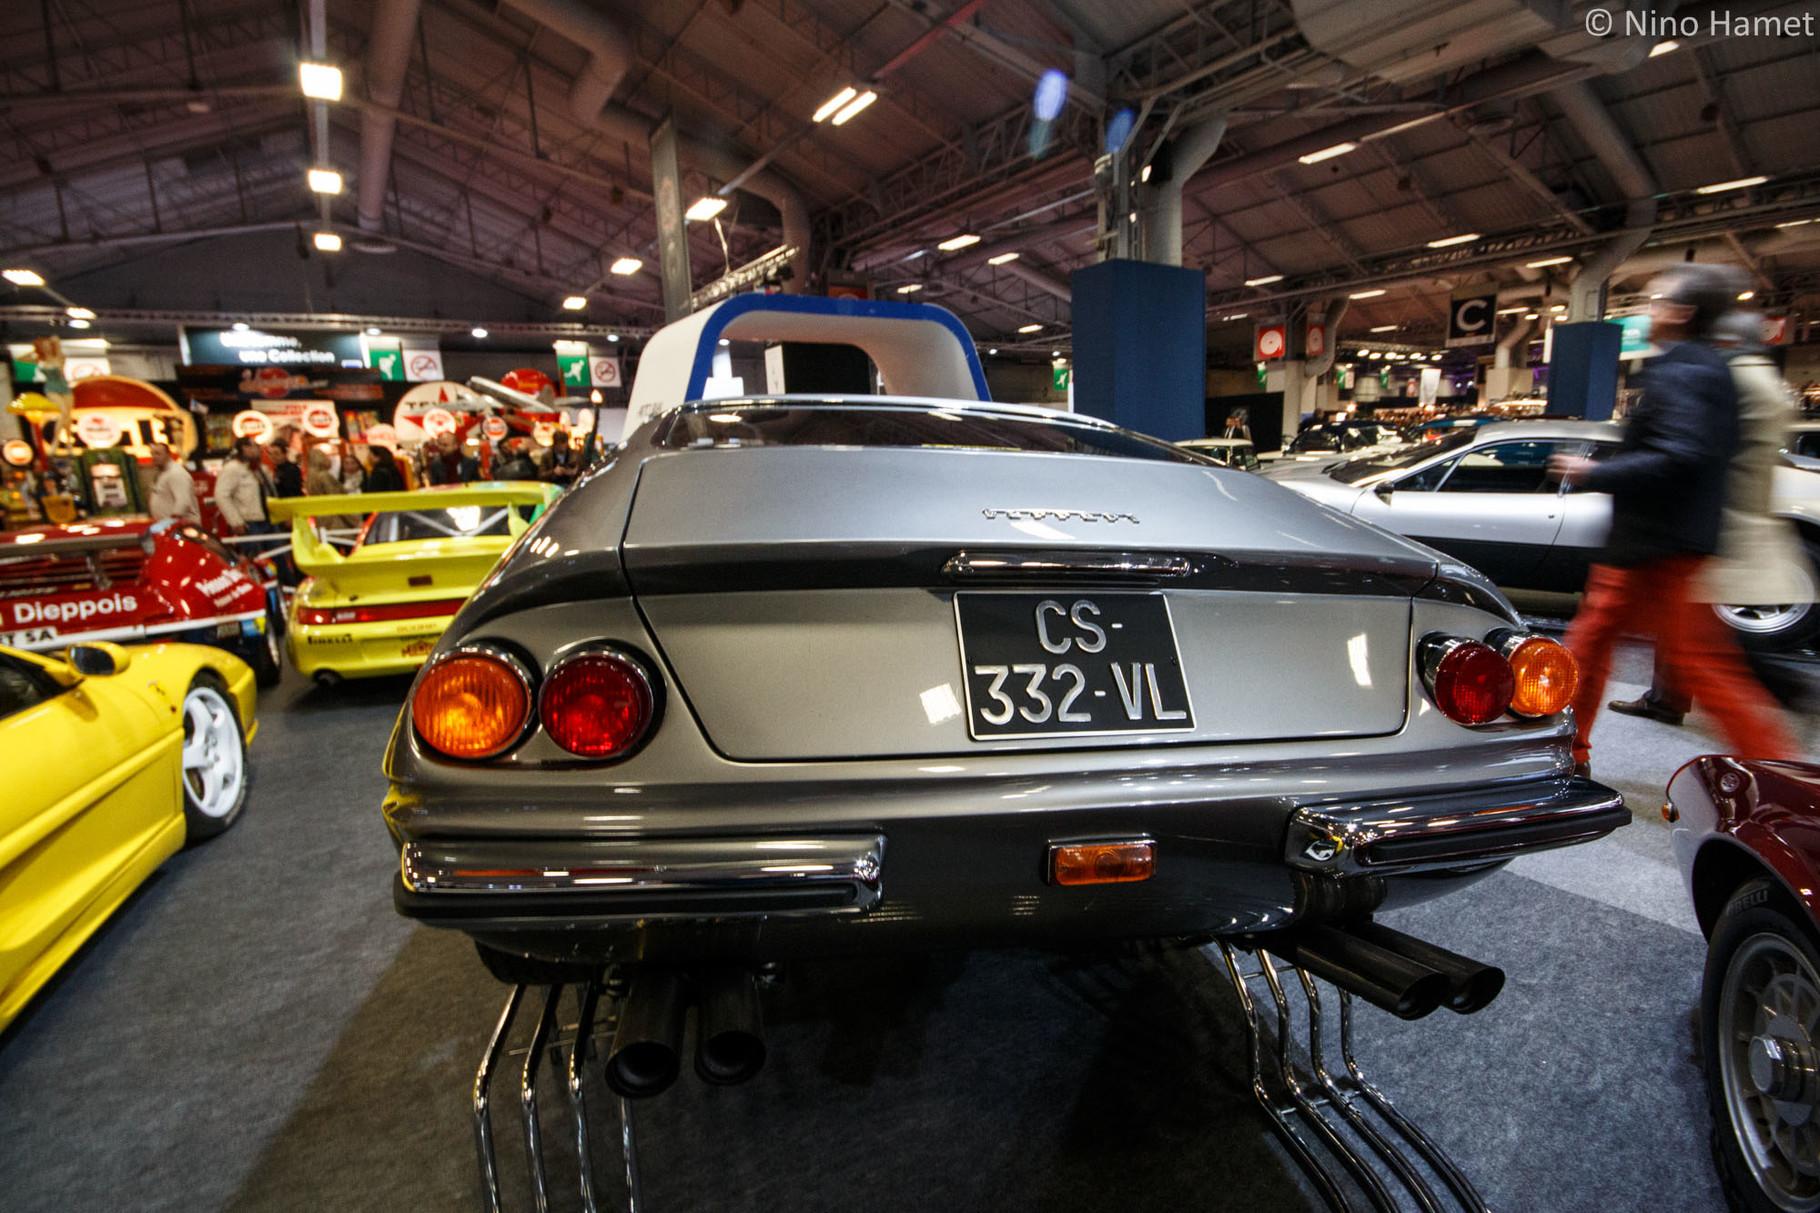 Ferrari 365 GTB/4 Daytona.